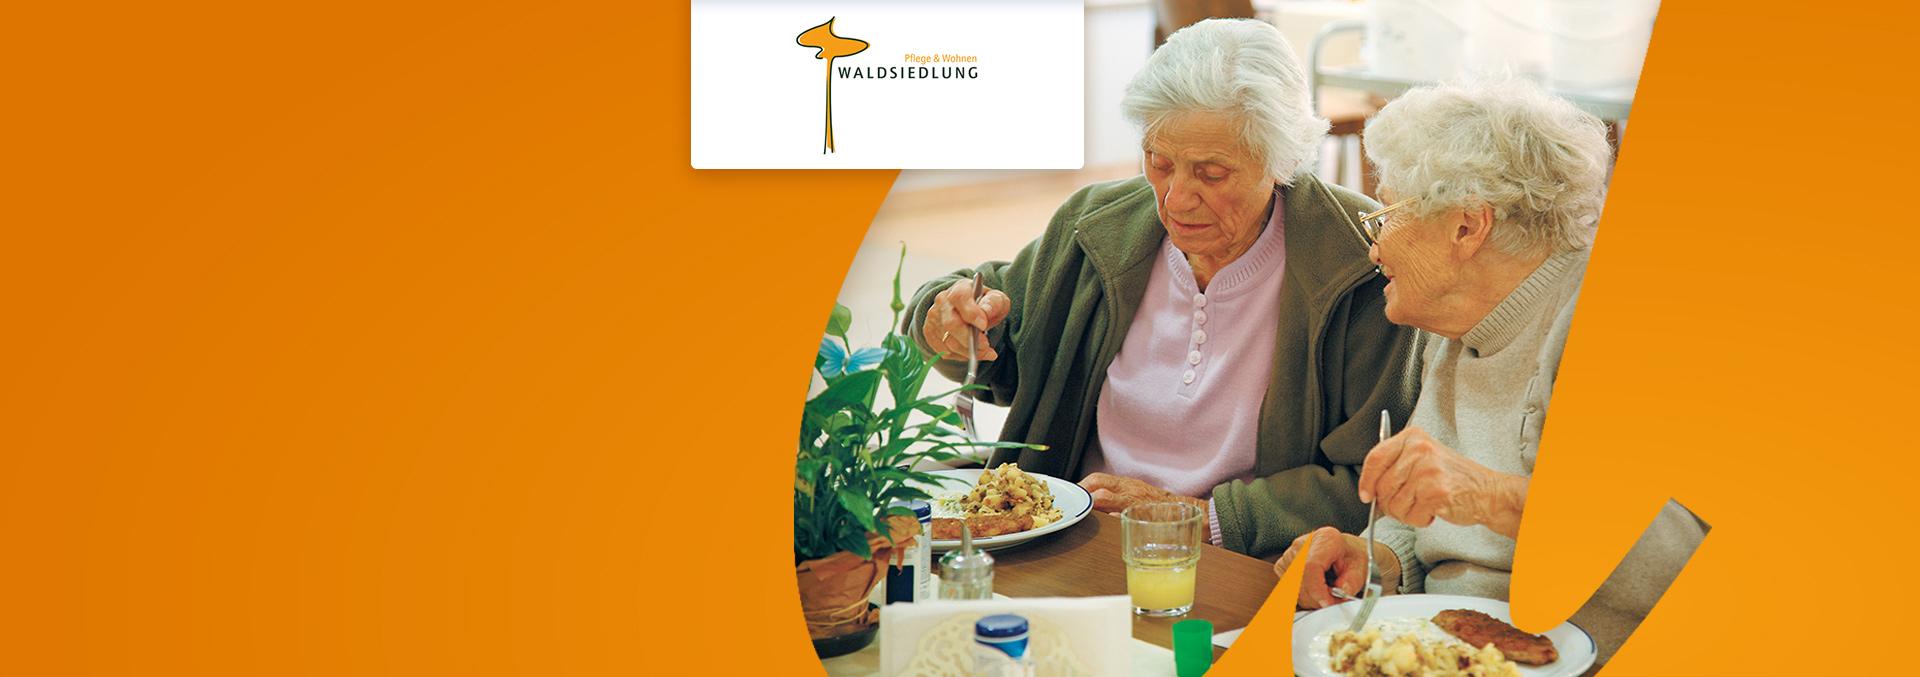 Pflege und Wohnen in der WALDSIEDLUNG: Zwei Bewohnerinnen unterhalten sich beim Essen.